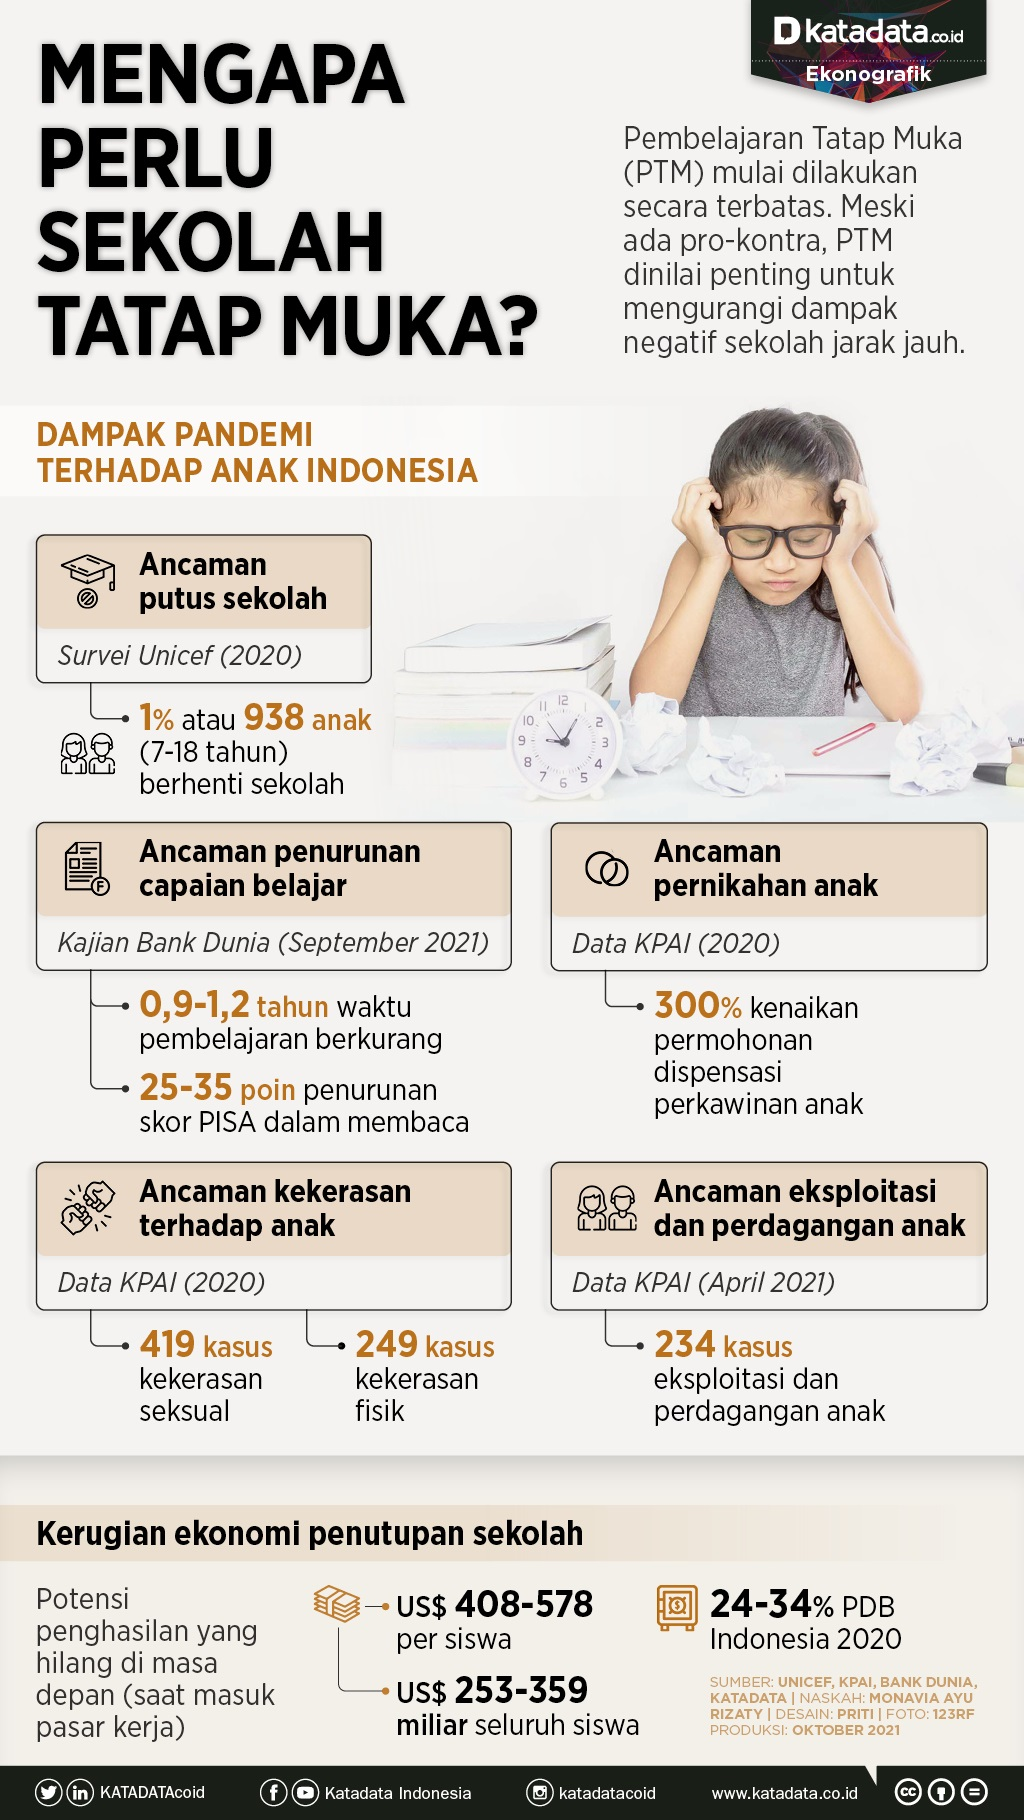 Infografik_Mengapa perlu sekolah tatap muka